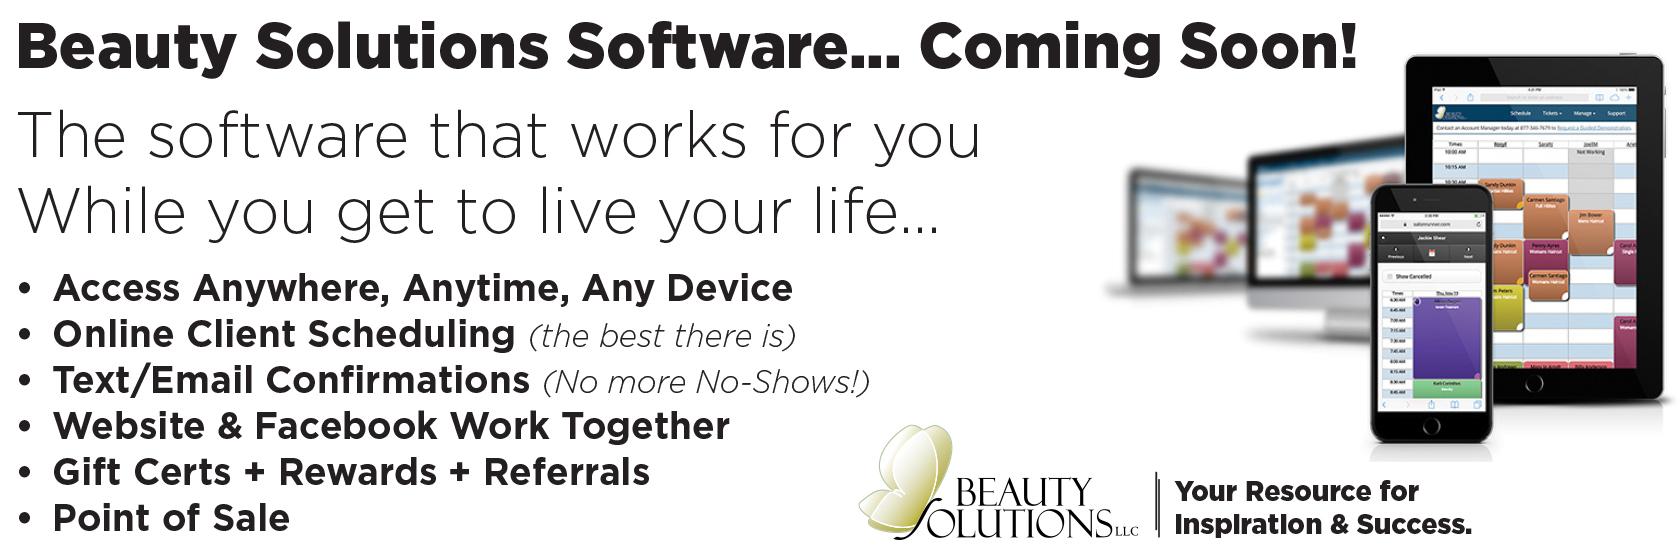 Software coming soon Slider v1